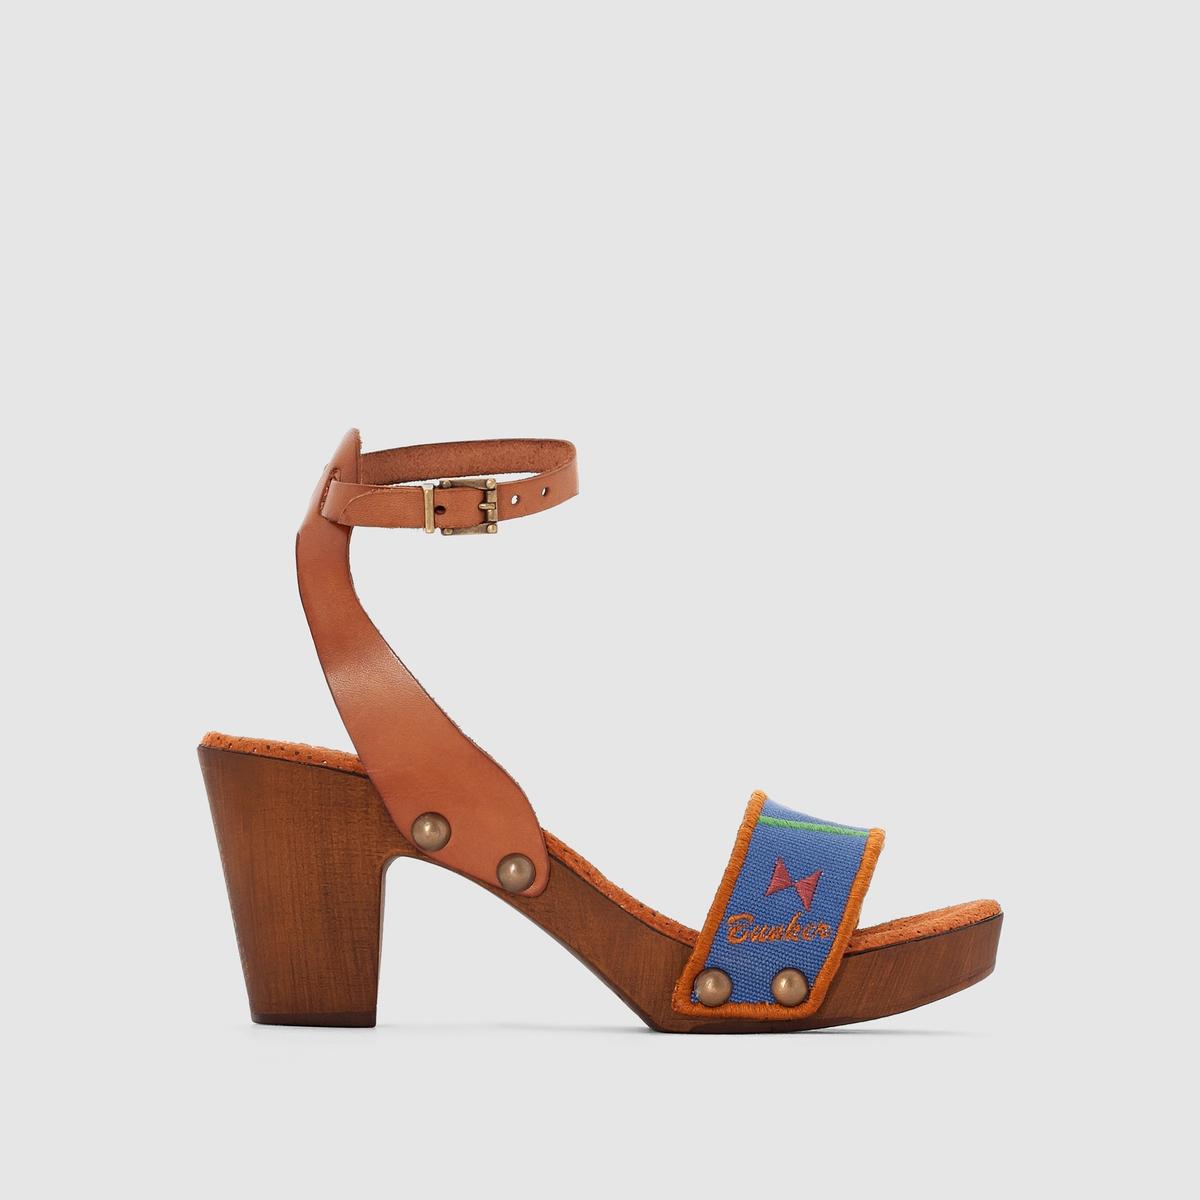 Босоножки на каблуке и подошве-платформеBUNKER - Босоножки на каблуке и подошве-платформе :Верх : кожа и текстильПодкладка : кожаСтелька : кожаПодошва : полиуретанВысота каблука : 7,5 смЗастежка : ремешок с пряжкой на щиколотке.Известная своей стильной обувью, Bunker предлагает комфортные босоножки на каблуке и подошве-платформе с оригинальным дизайном!<br><br>Цвет: синий + рисунок<br>Размер: 38